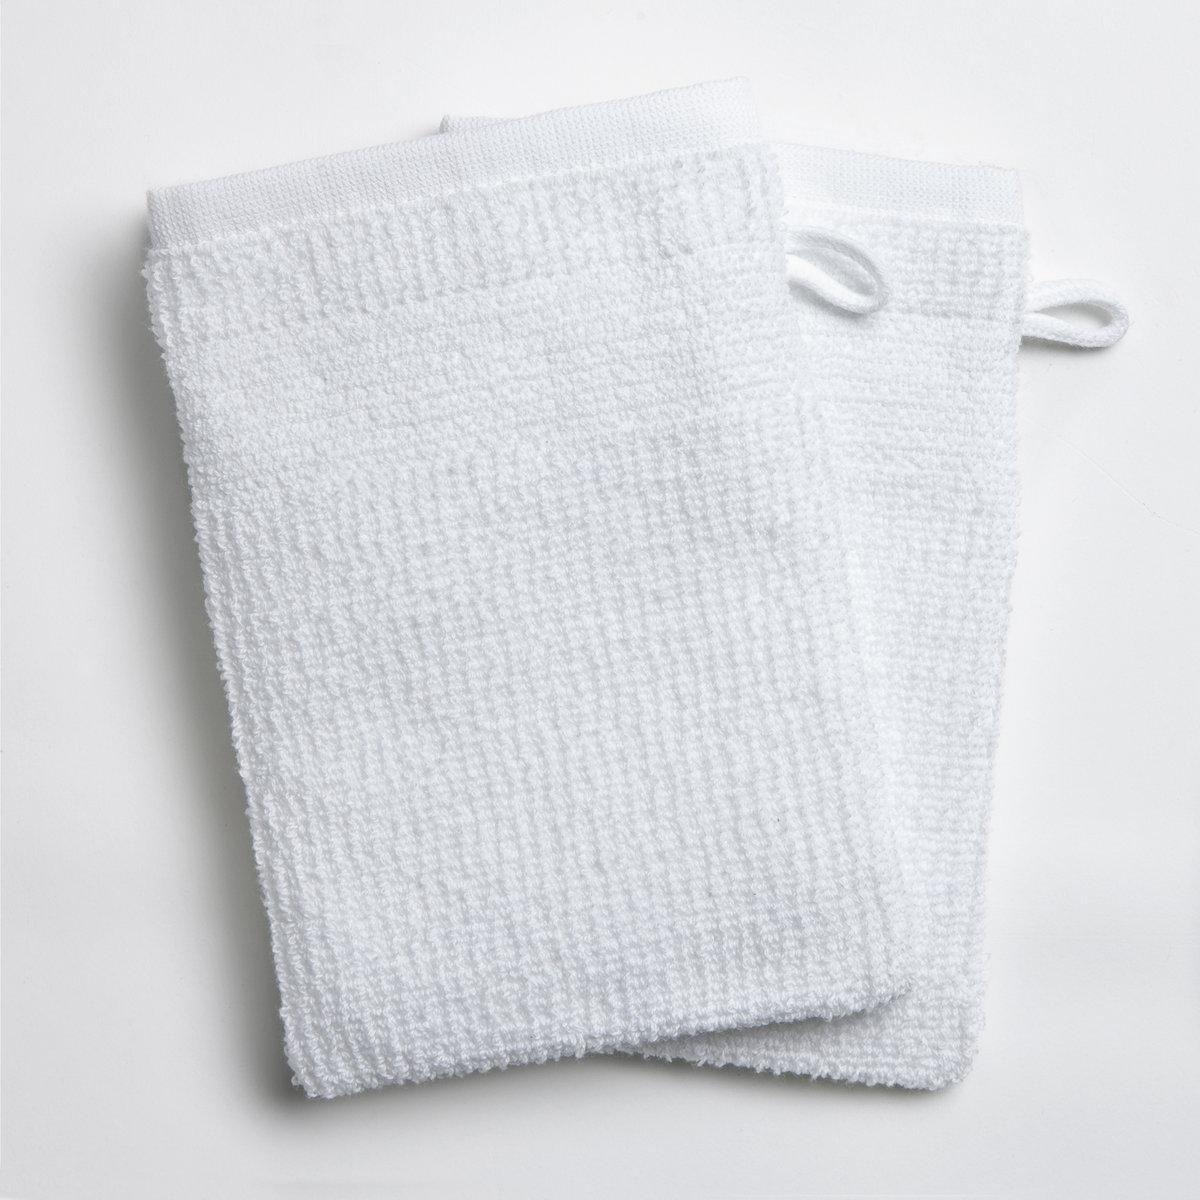 2 рукавицы банных из плетёной ткани рисовое зерно 400 г/м²